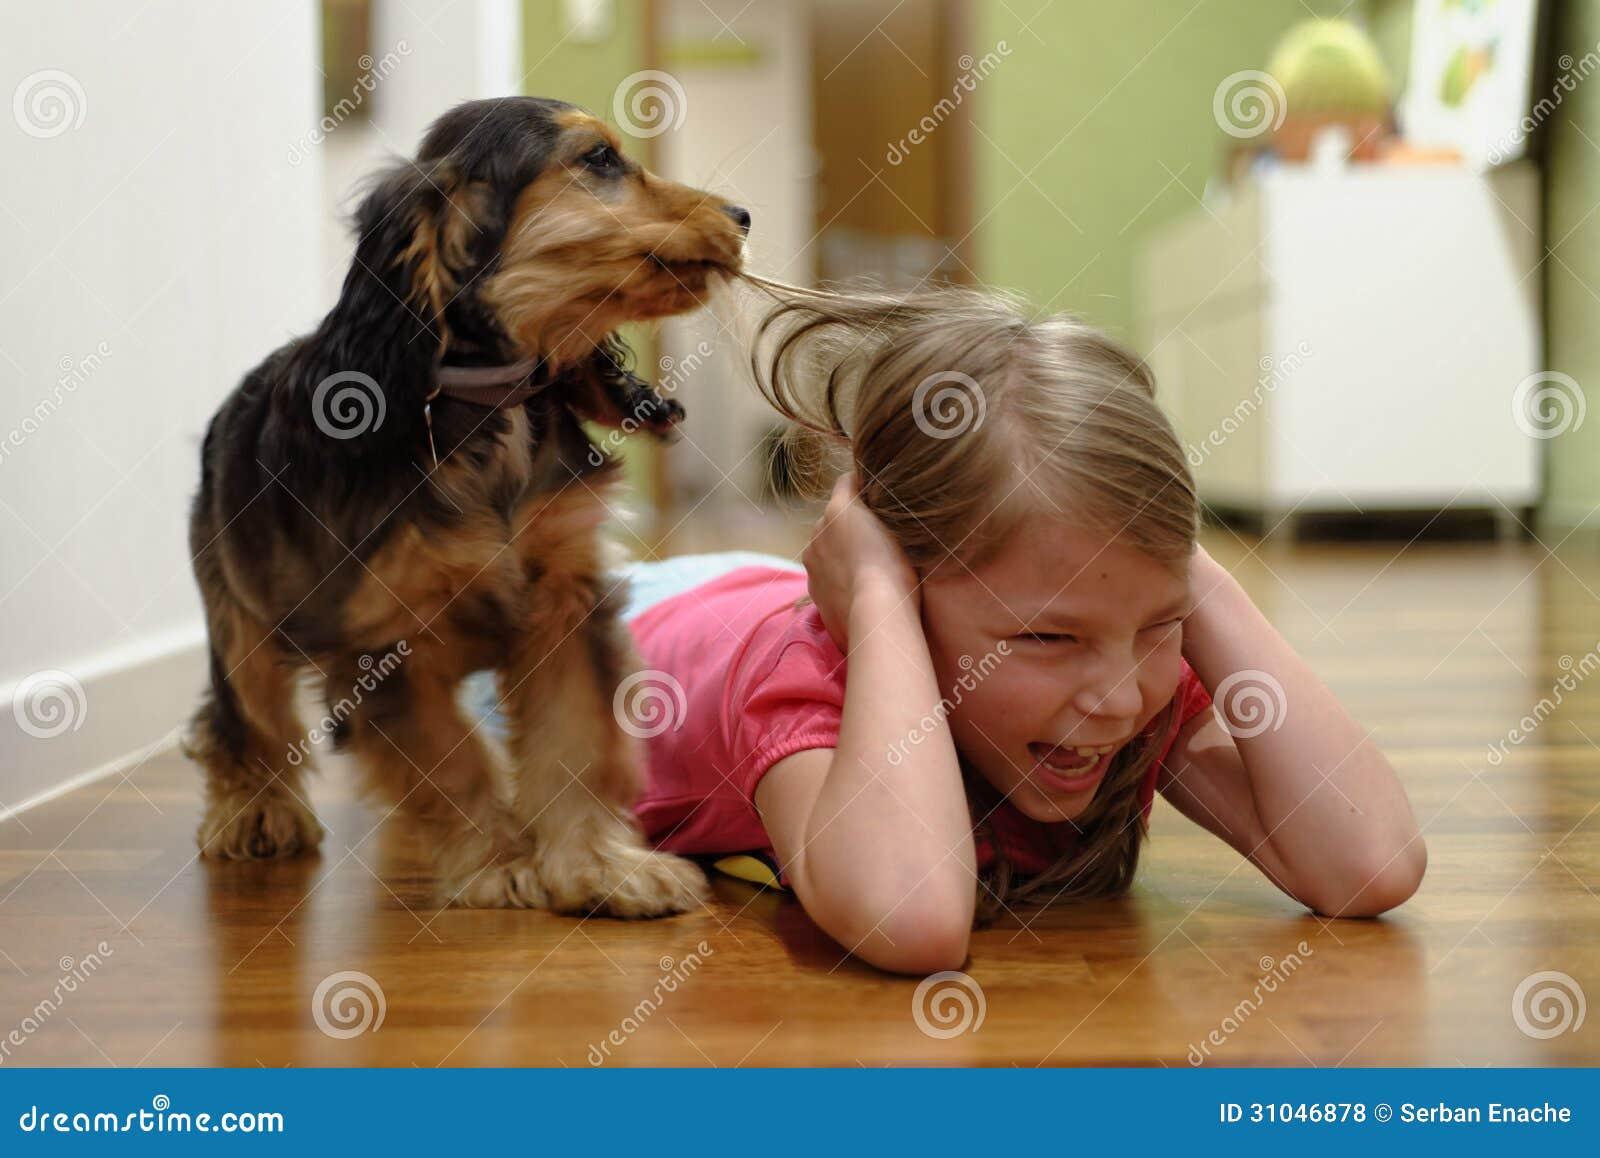 Cão que puxa o cabelo da menina